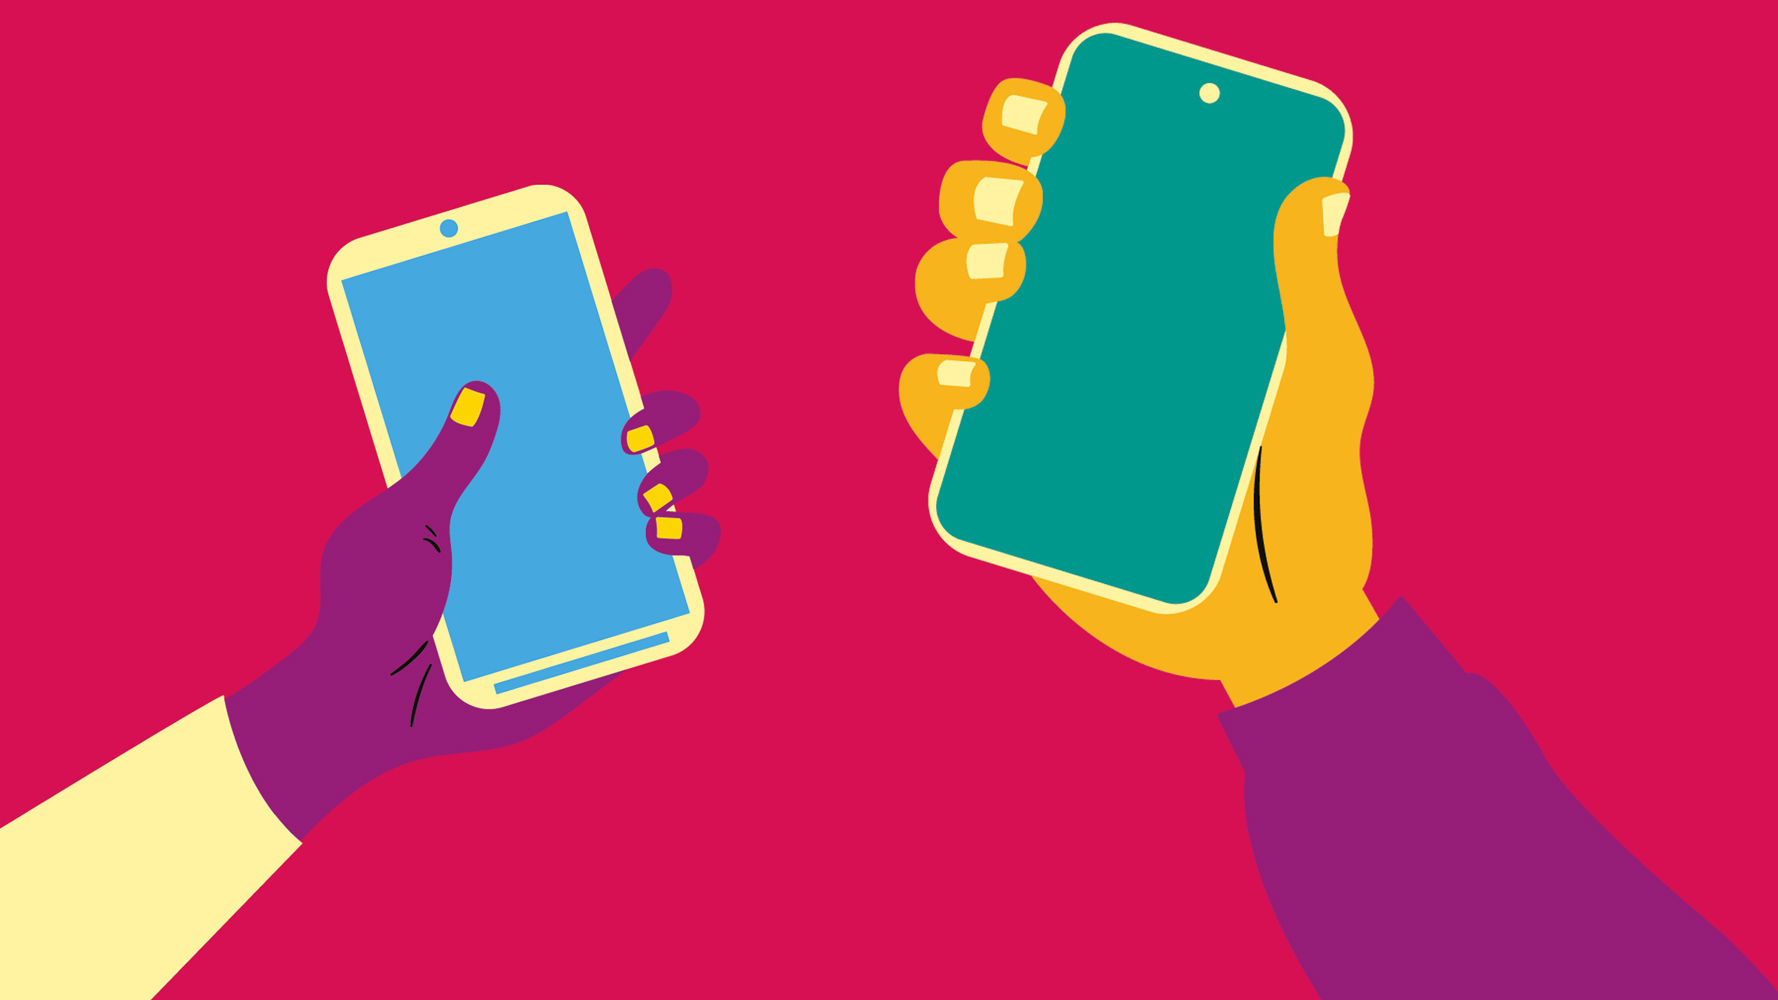 illustration av två två händer som håller varsin mobiltelefon